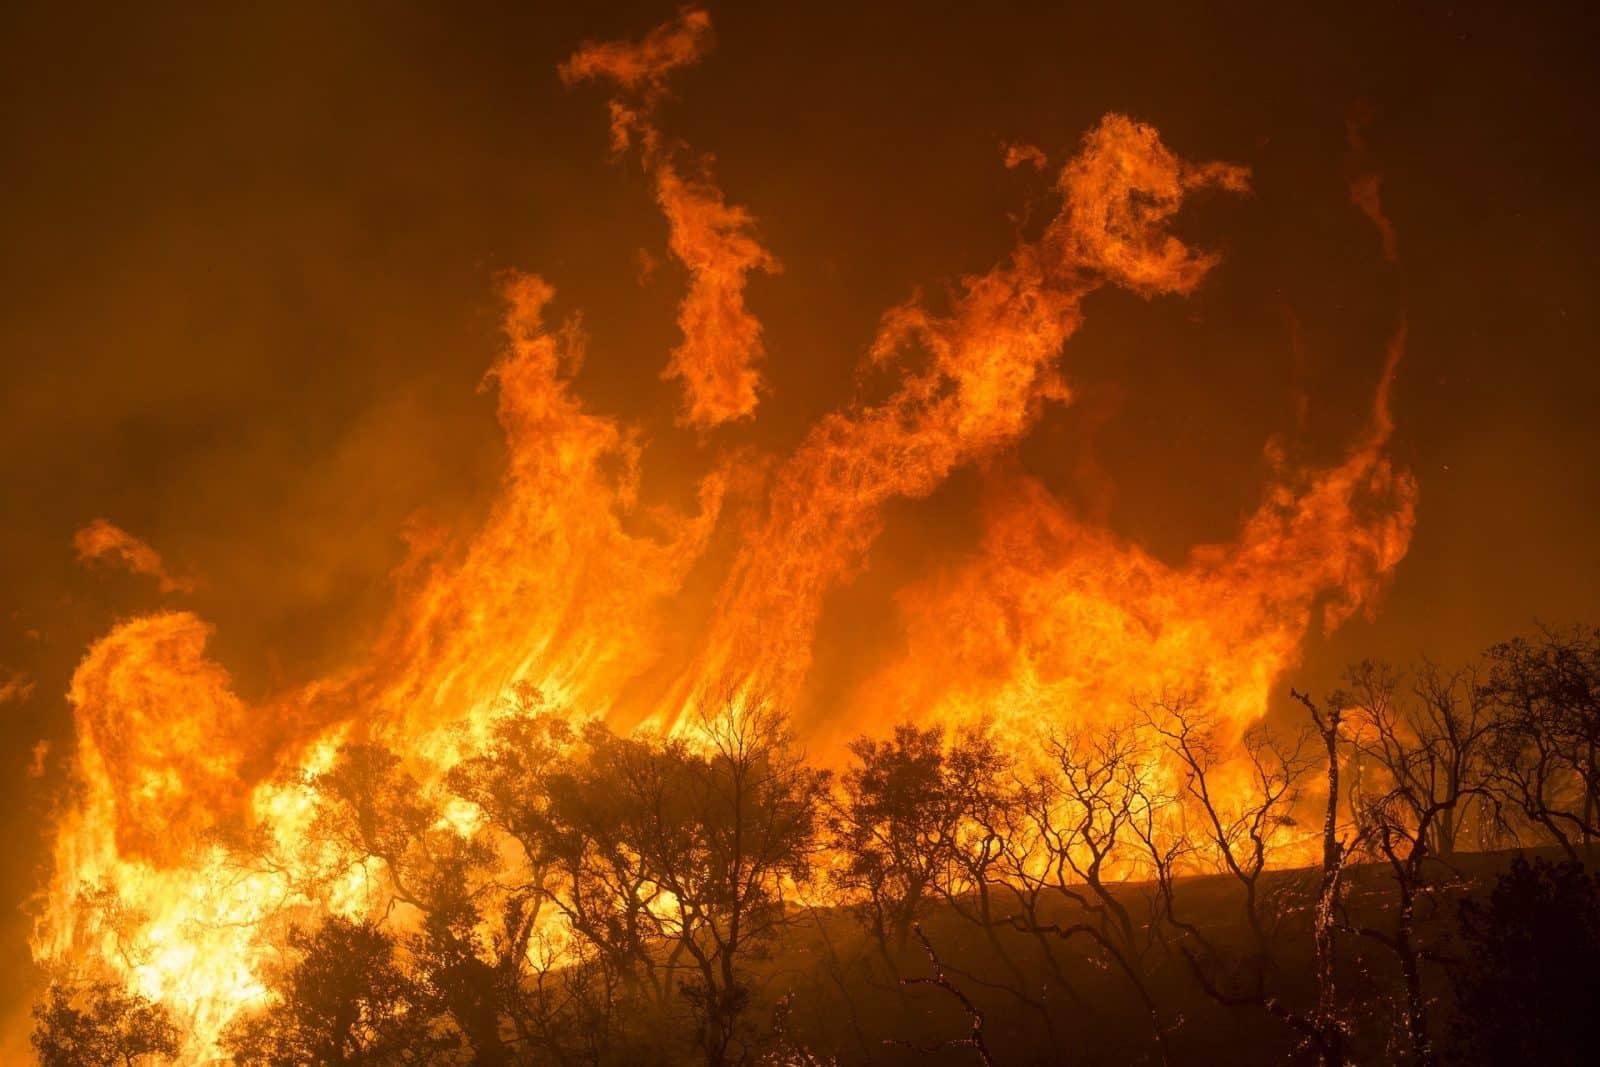 Incêndios florestais na Califórnia têm afetado a vida de milhares de pessoas que foram obrigadas a deixar suas casas para salvar as suas vidas e de suas famílias.